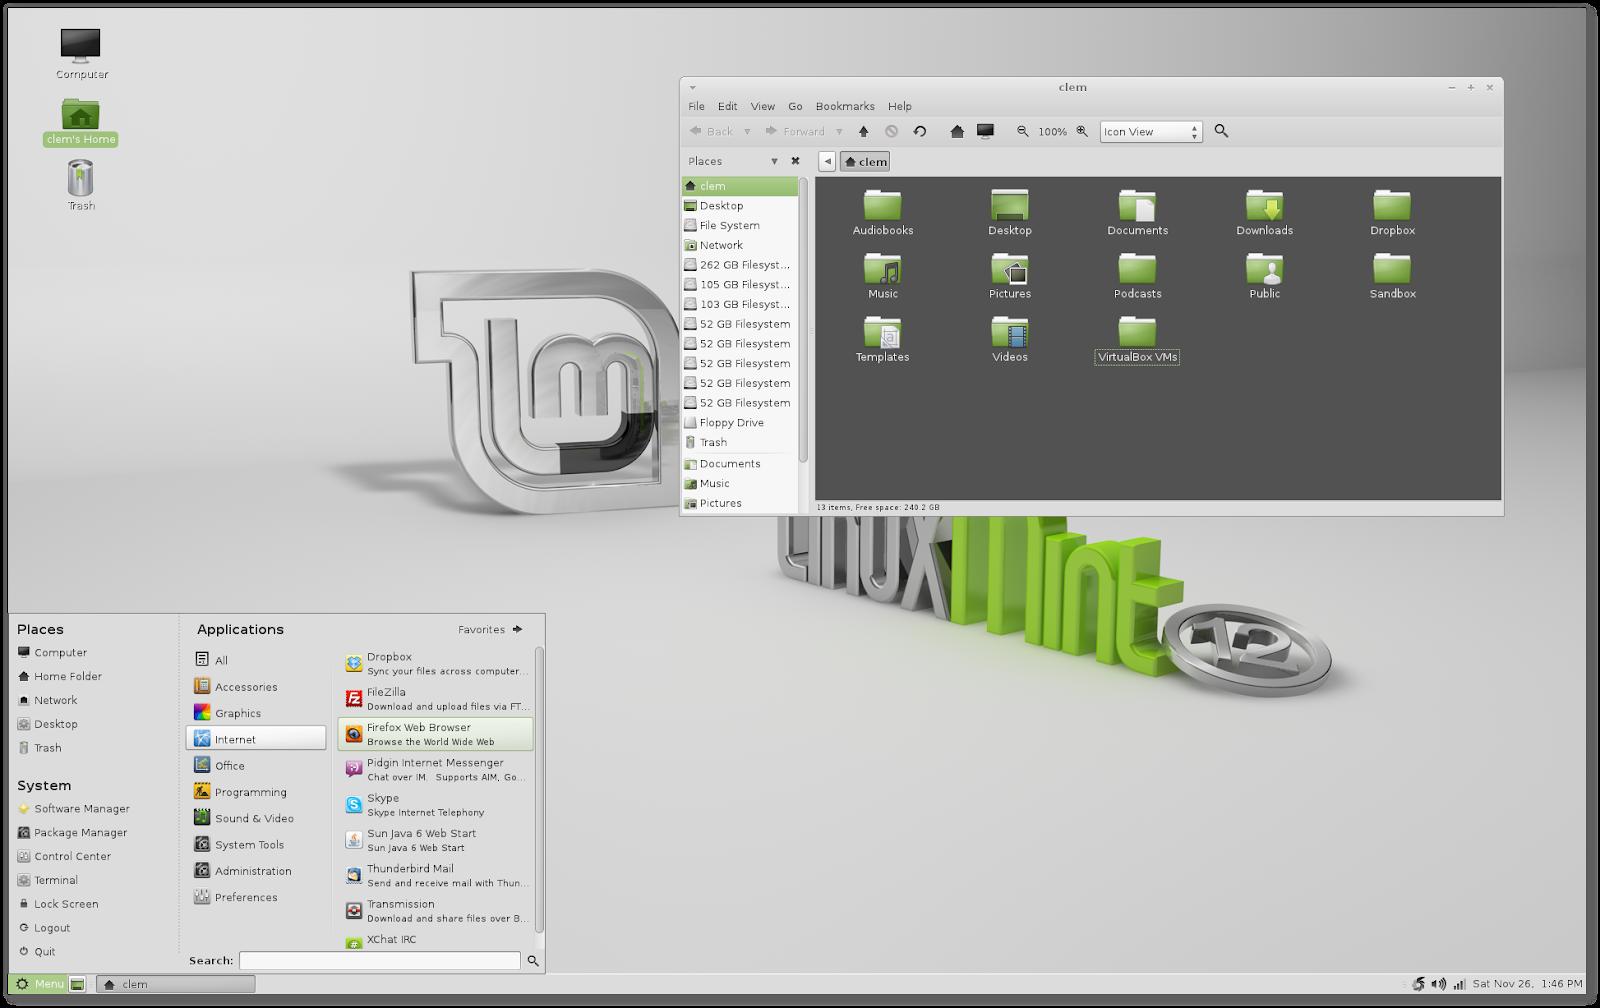 Как установить тор браузер на линукс минт гидра тор браузер технология hidra